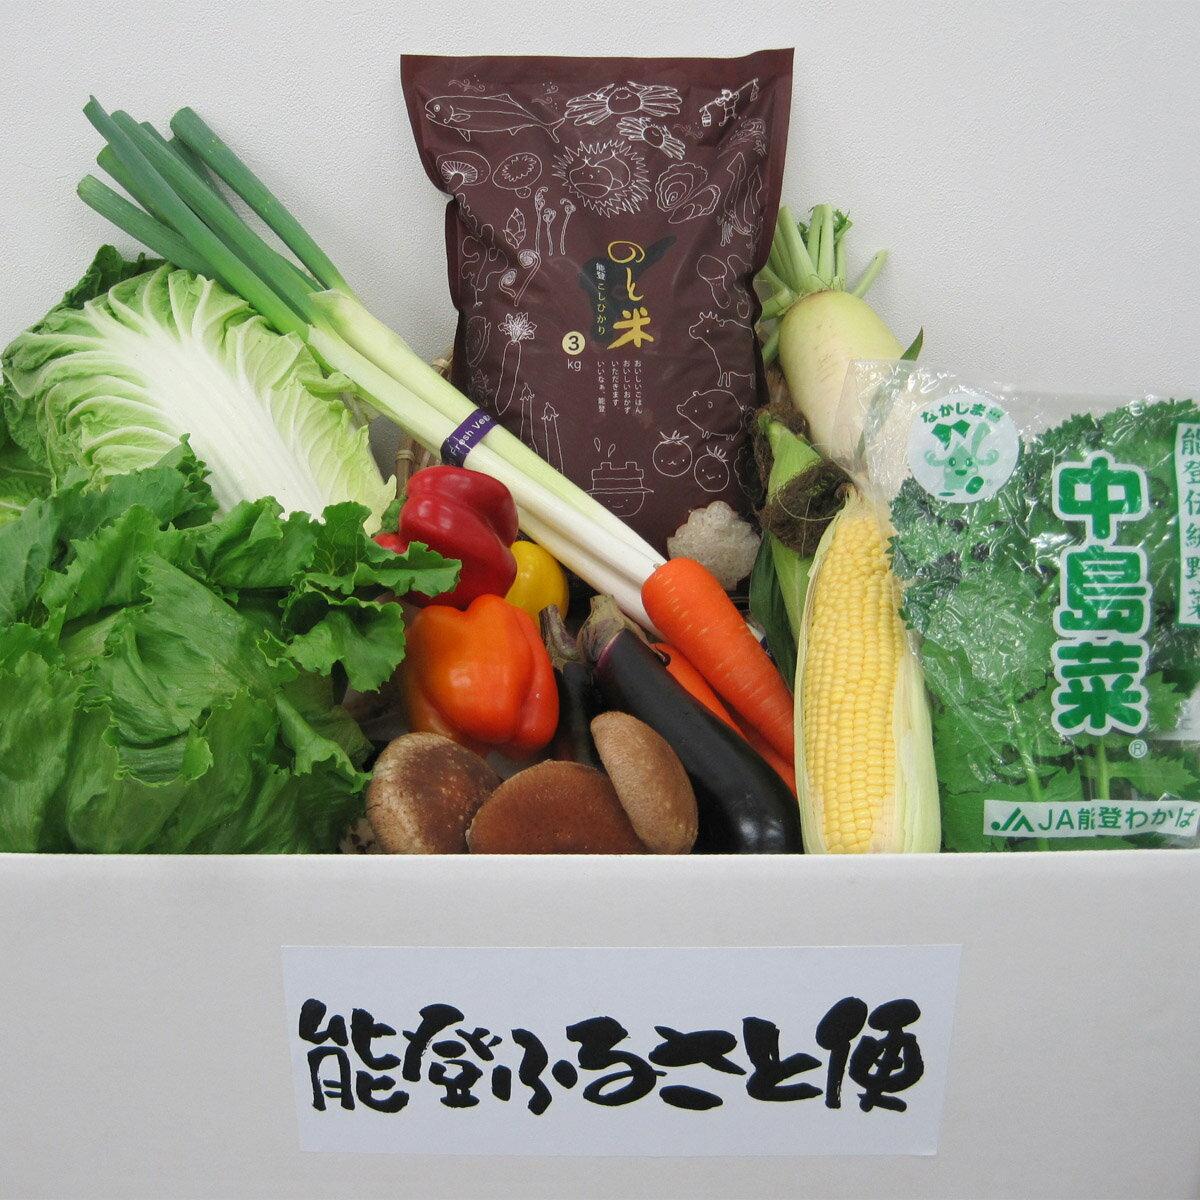 【ふるさと納税】◆平成29年産◆能登米こしひかり3kgと季節の野菜の詰合せ☆世界農業遺産に認定された『能登の里山里海』で育まれたお米と直売所に並ぶ安心安全新鮮な季節の農産物の詰合せです